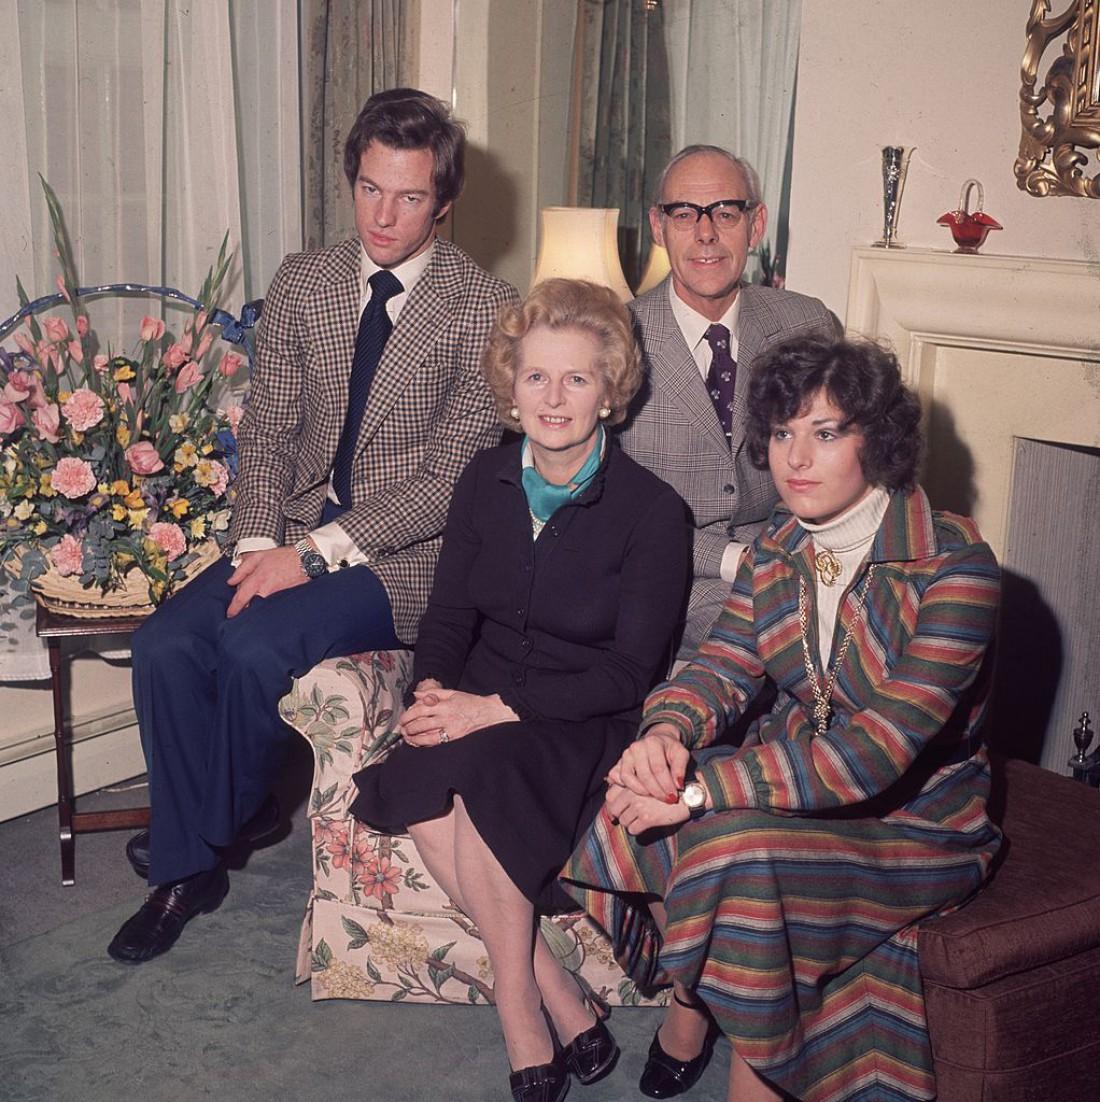 1976 год: Маргарет Тэтчер с мужем и детьми